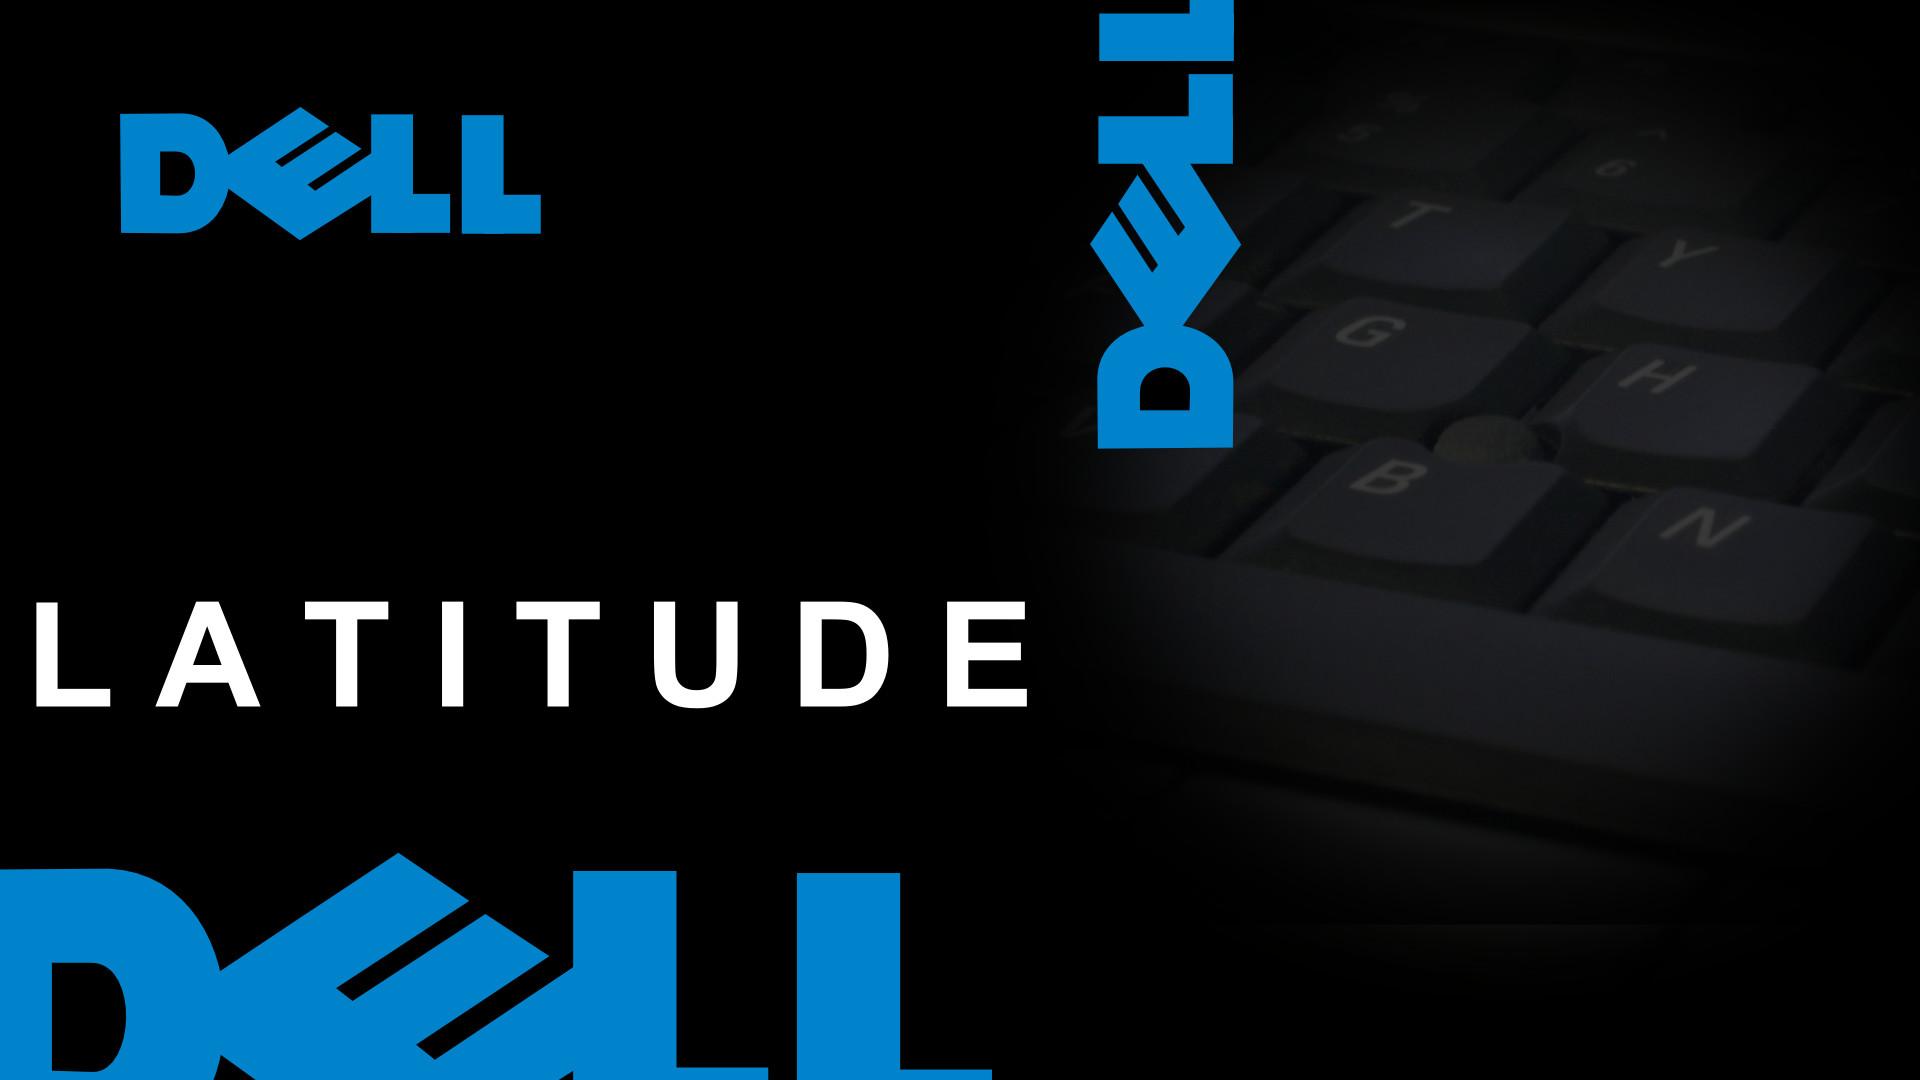 Dell HD Wallpapers in Best Resolutions   Hellen Dear NMgnCP PC  Gallery